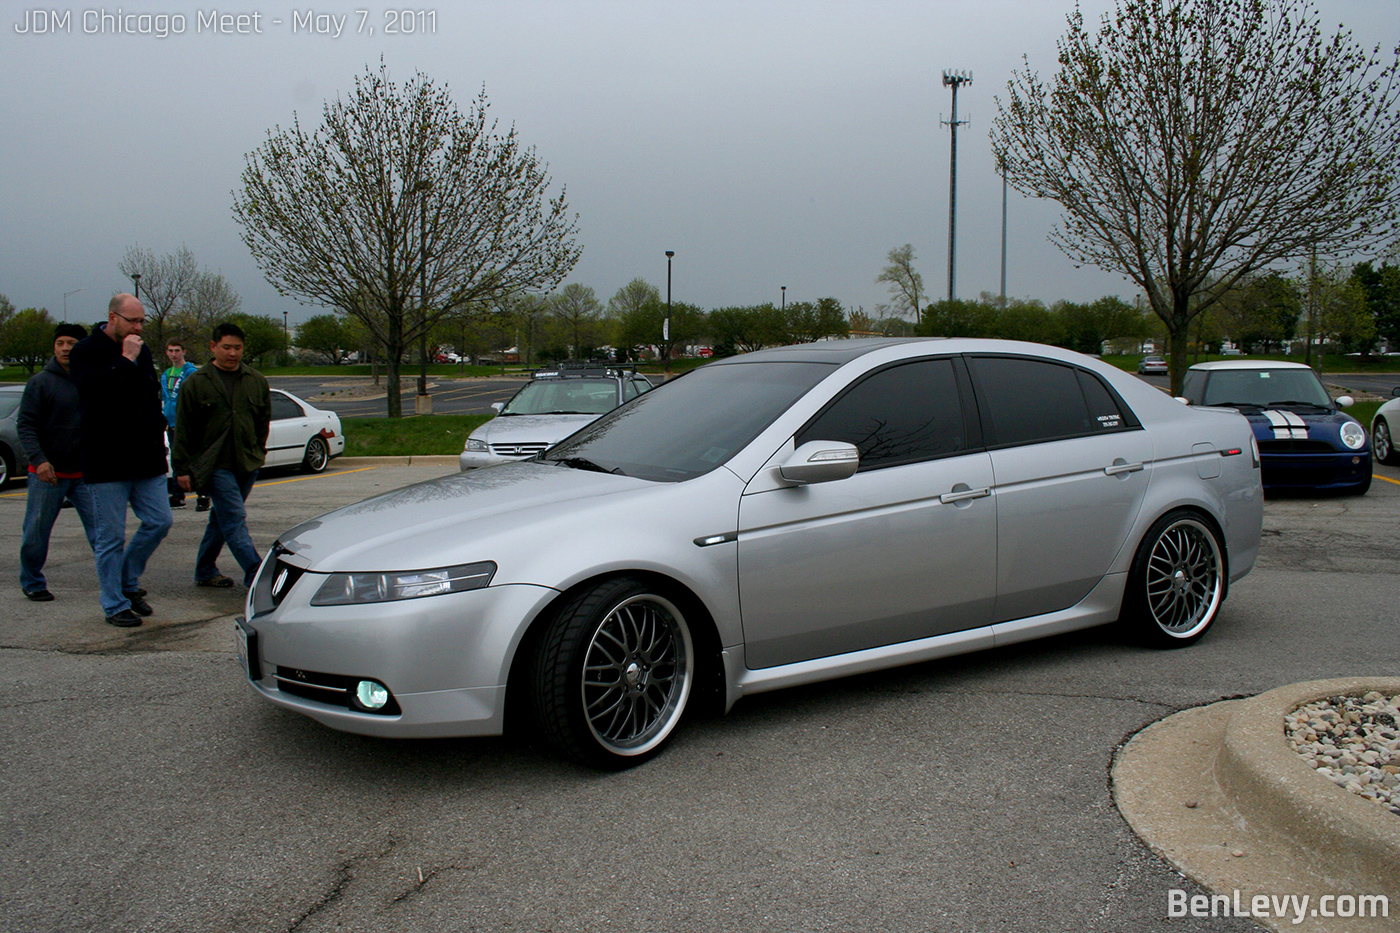 Silver Acura Tl Benlevy Com